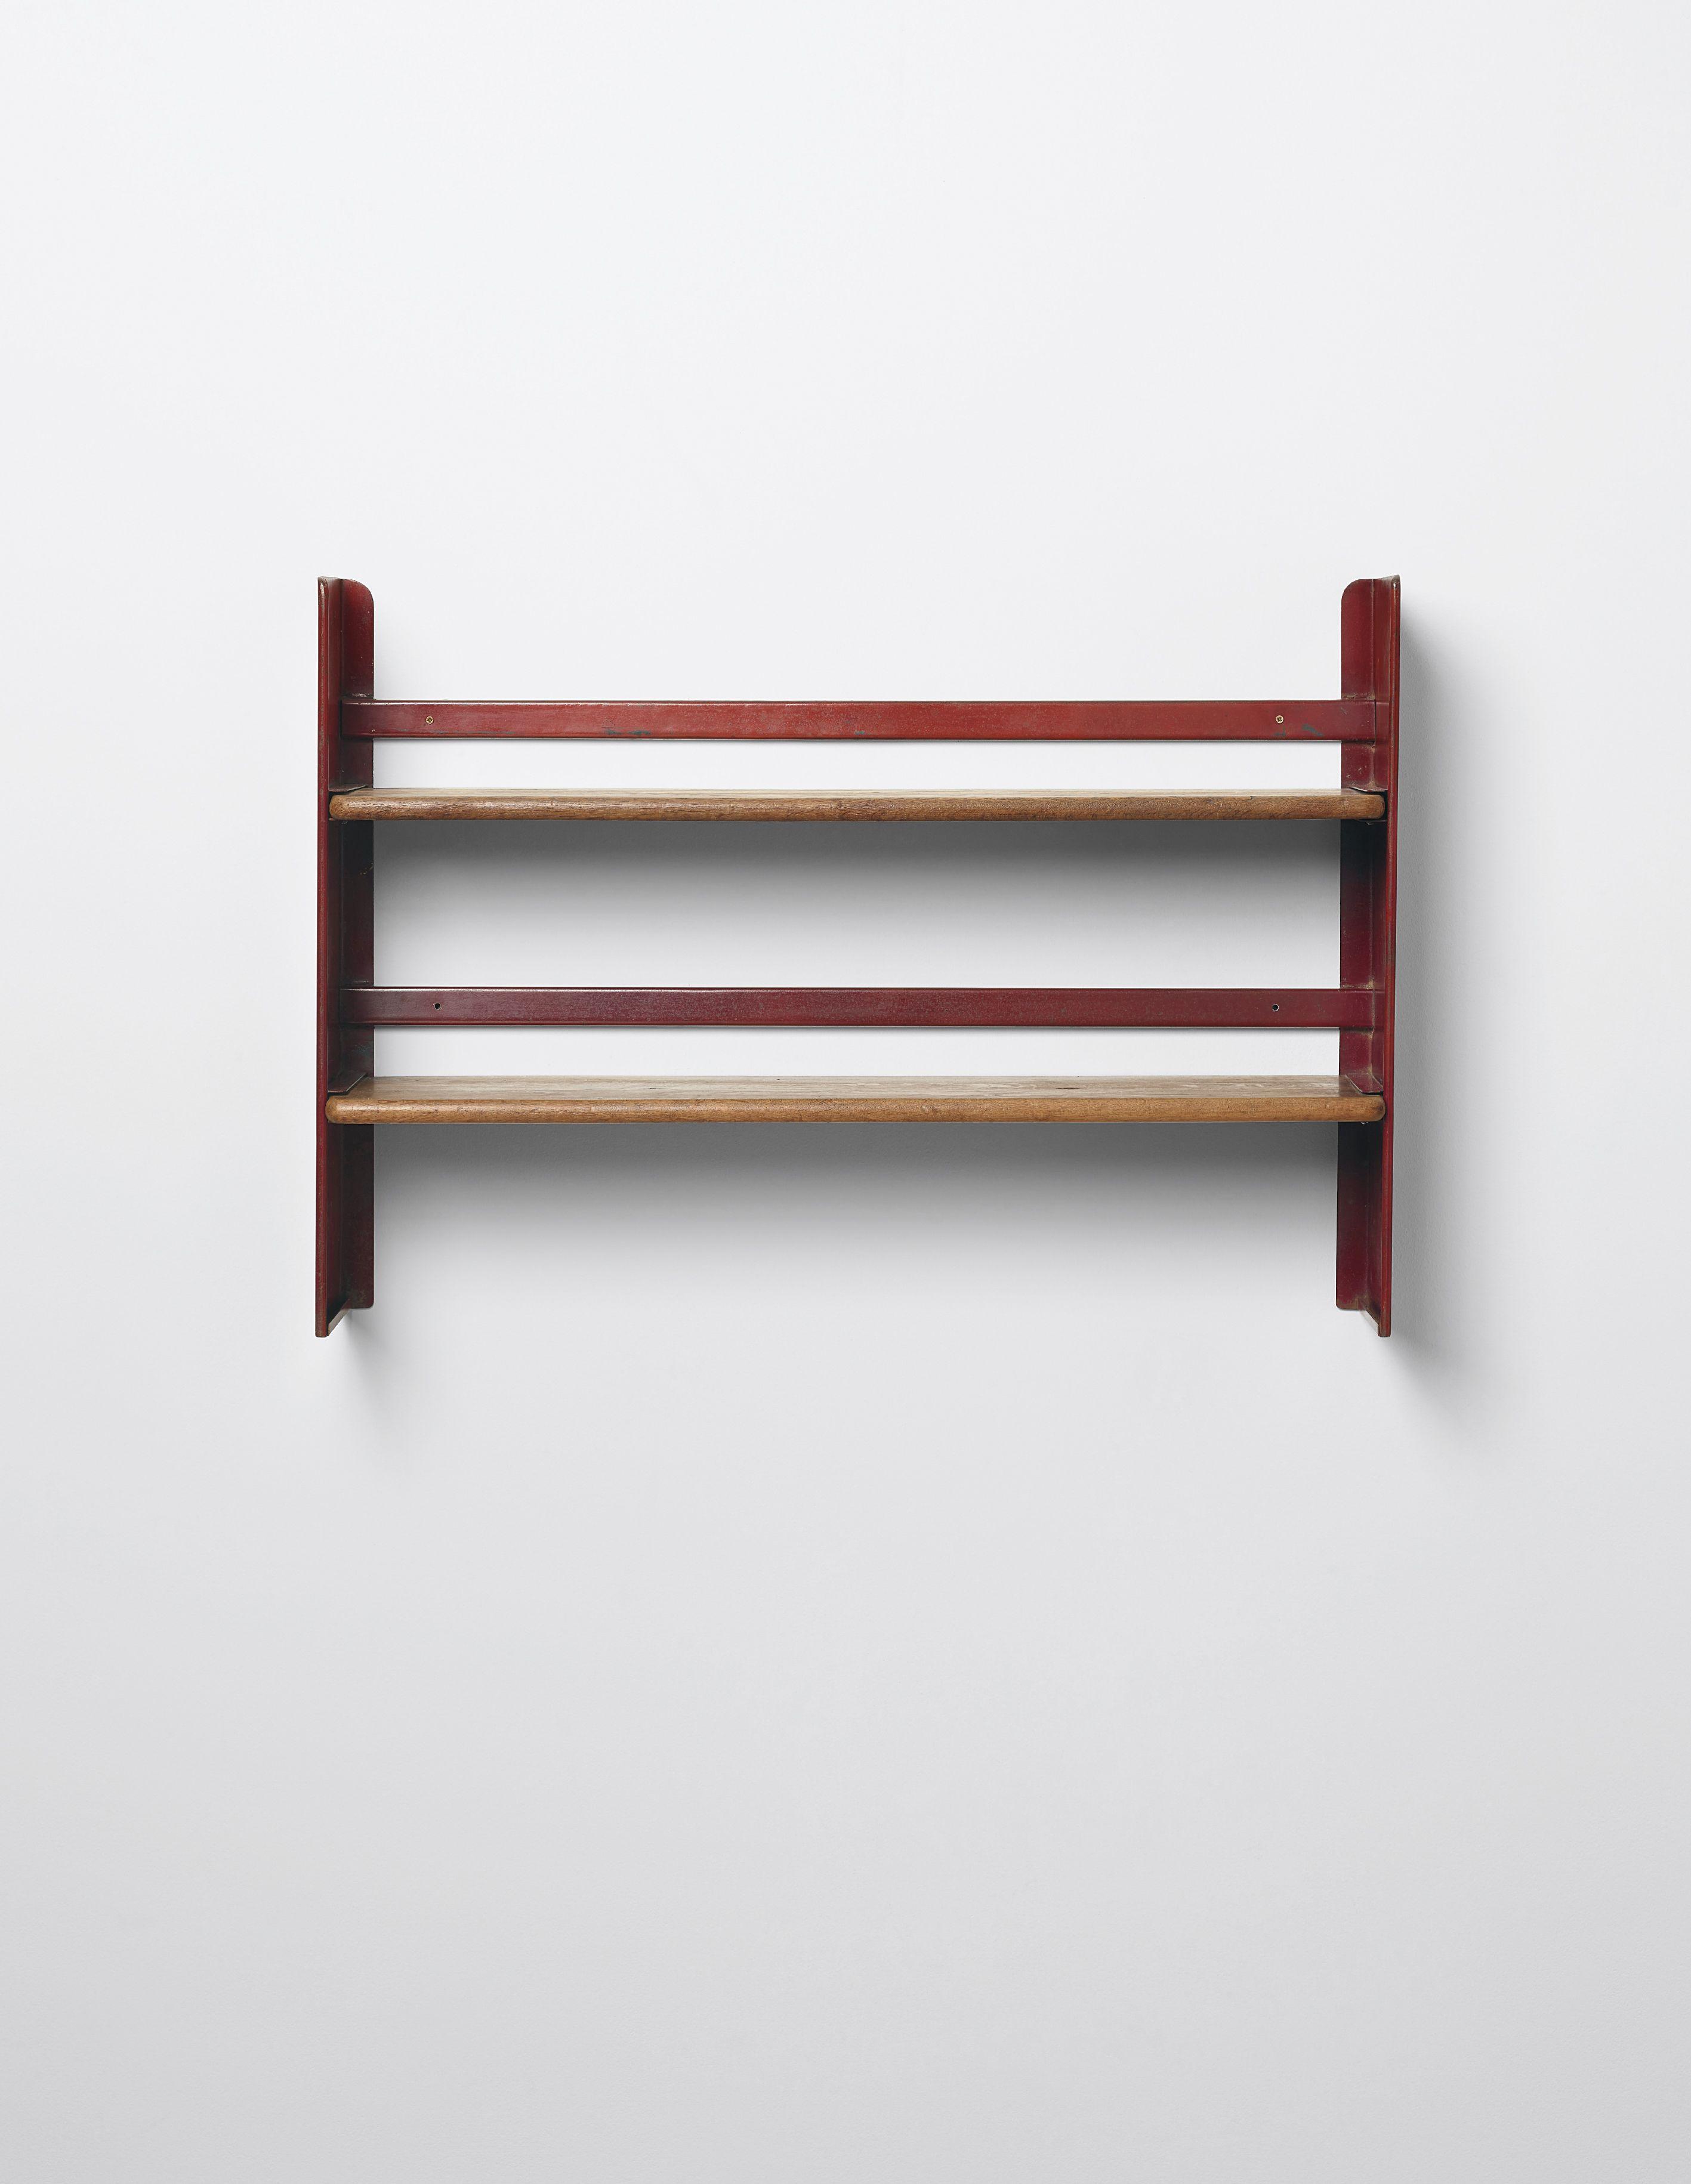 JEAN PROUVé Rare Cité wall mounted shelving unit designed for the